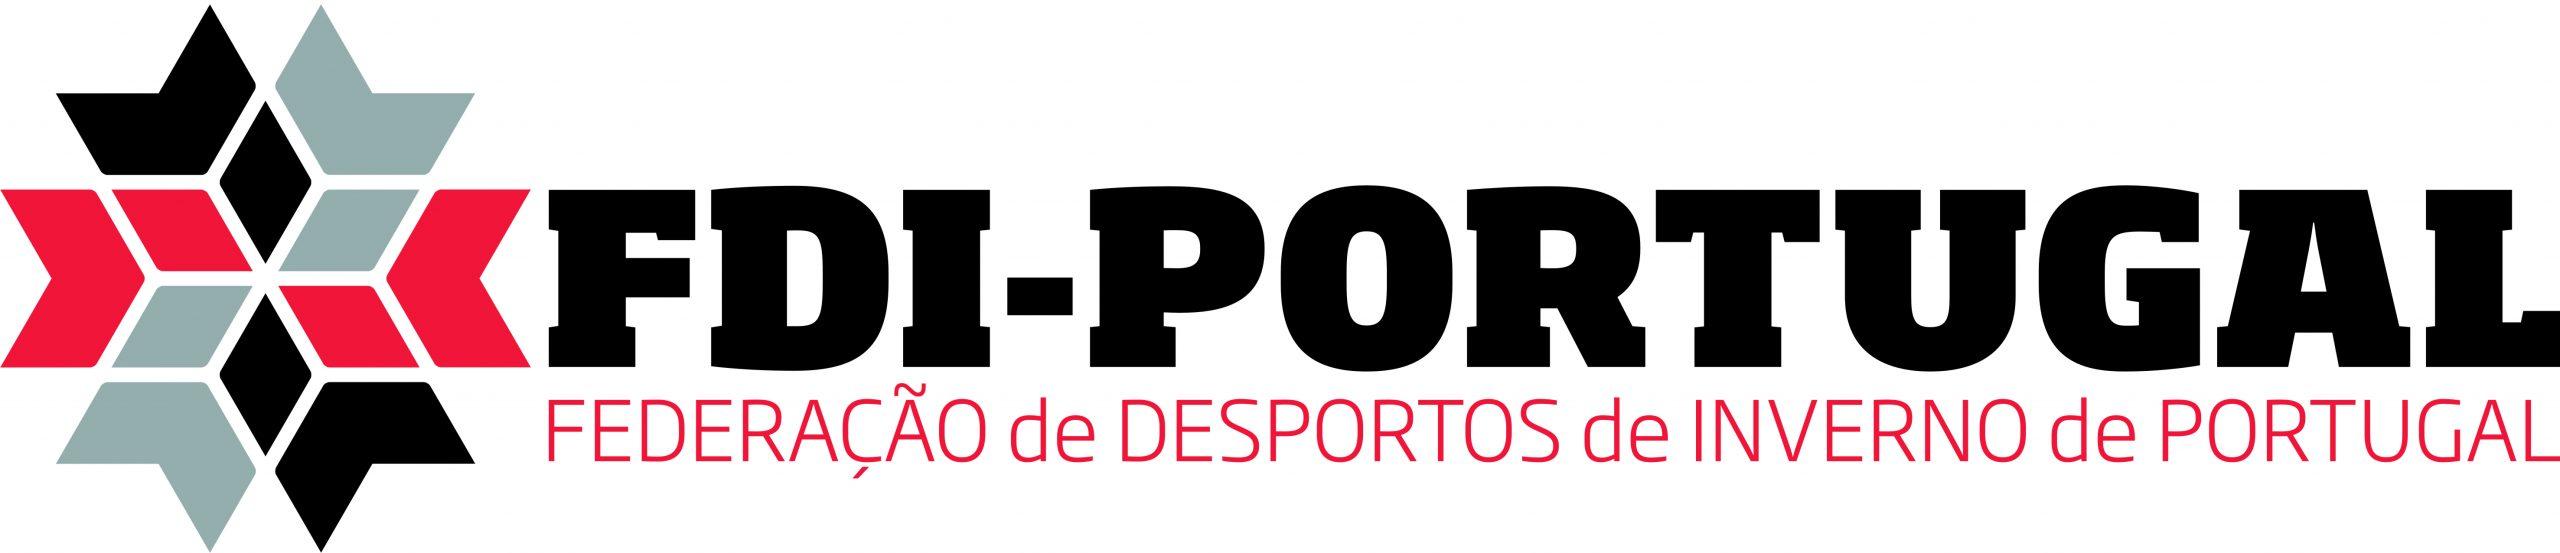 FDIPortugal